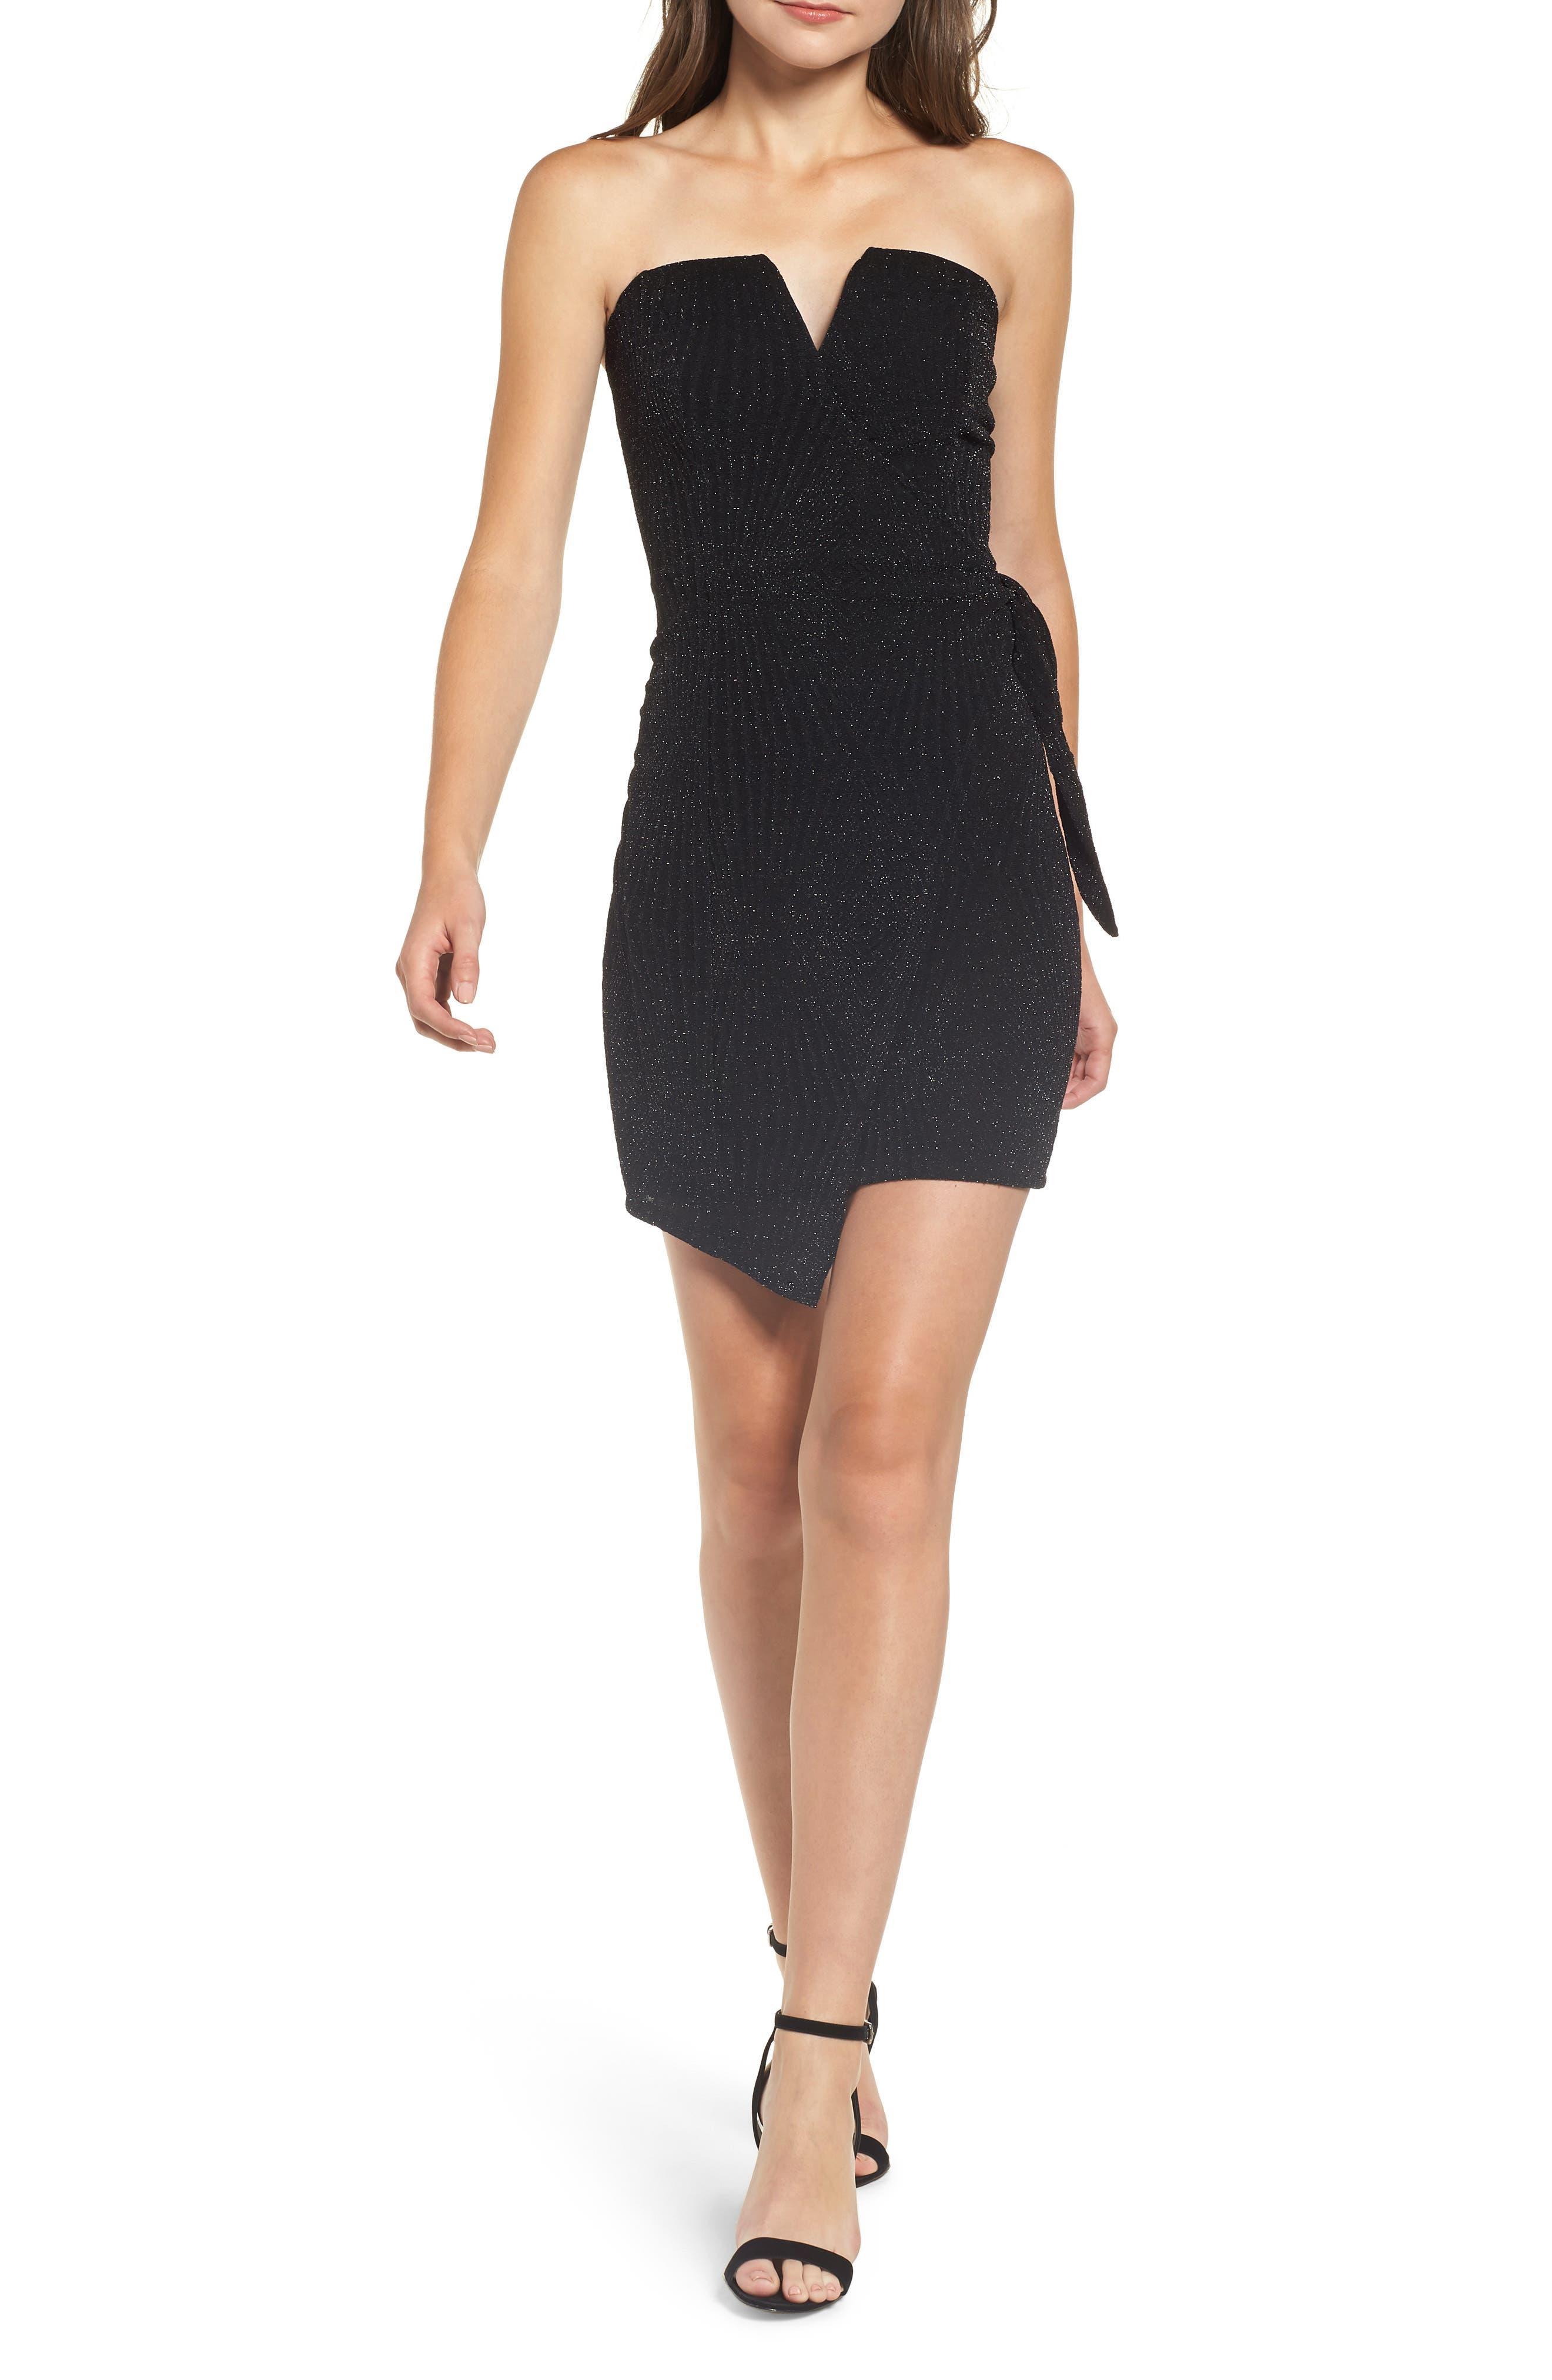 Strapless Black Dresses